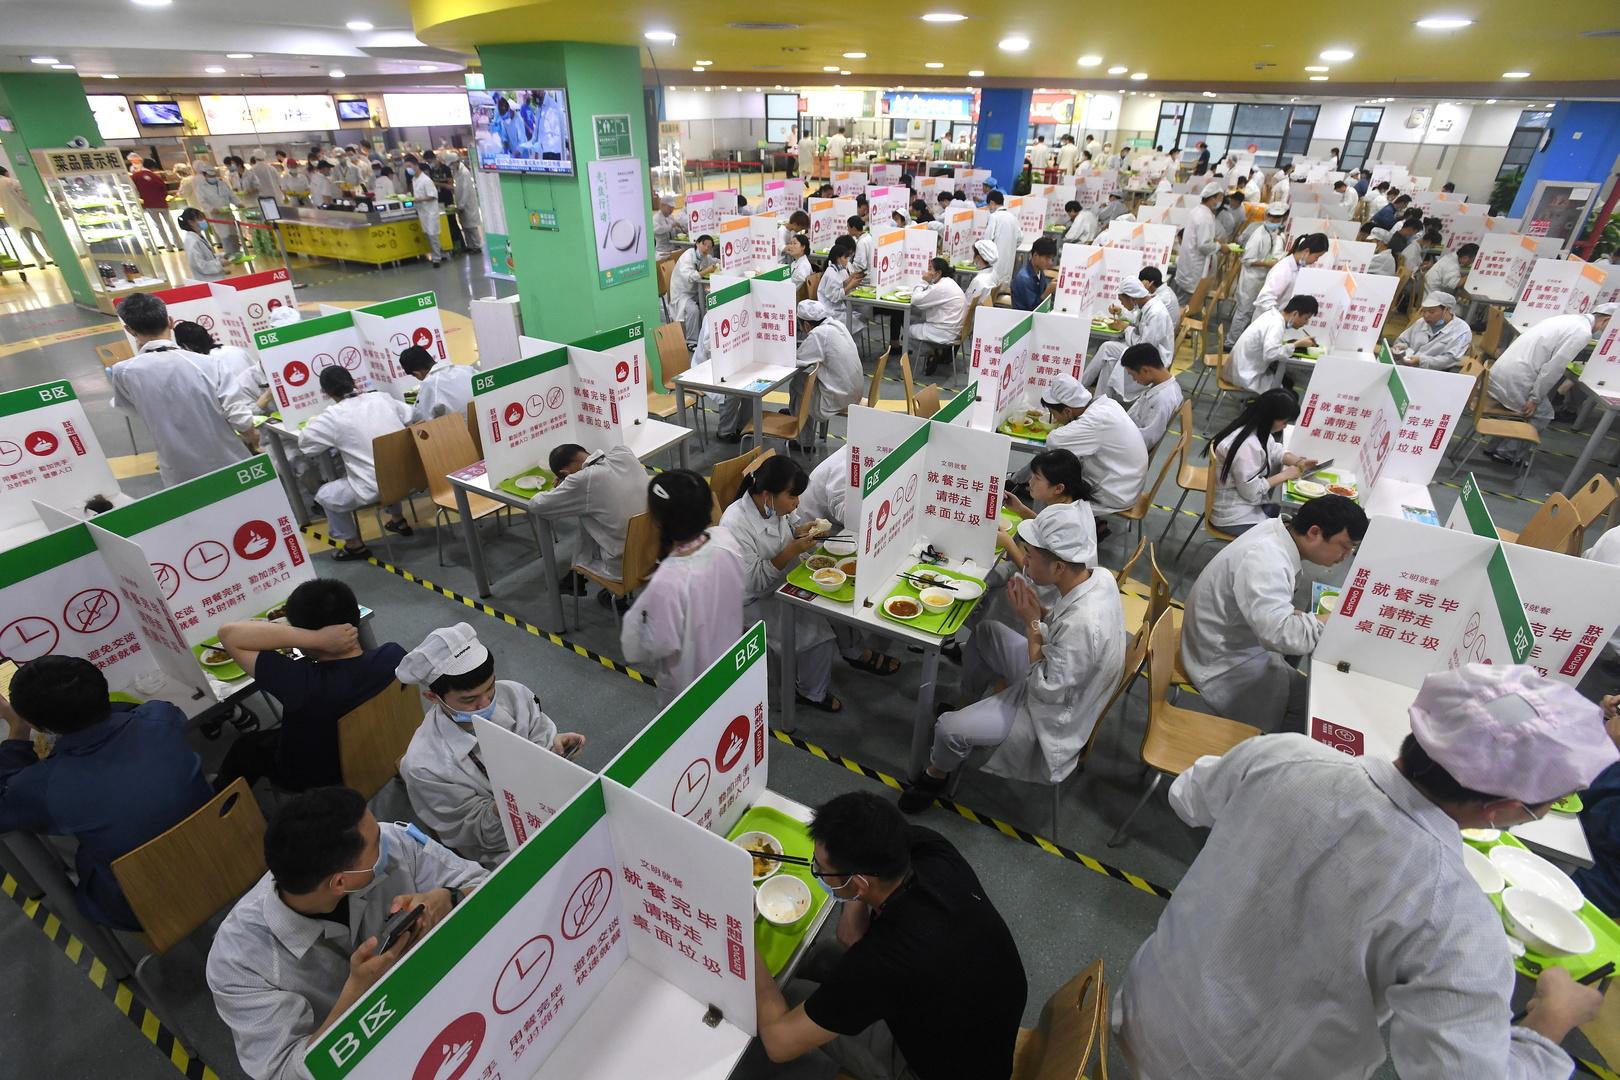 خبراء صينيون يطرحون فرضية جديدة حول منشأ كورونا